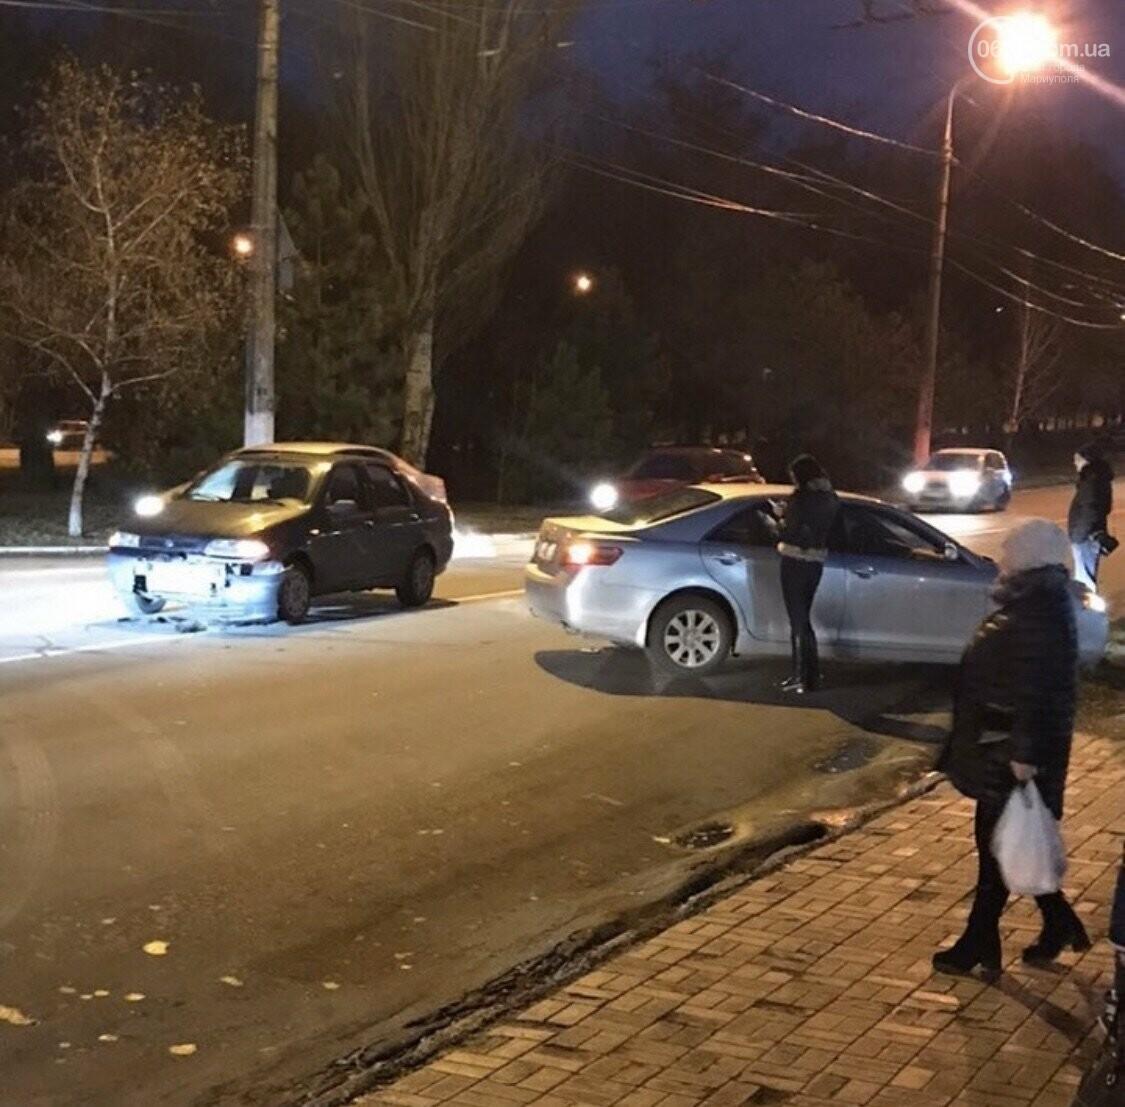 Водители, будьте внимательнее! В Мариуполе произошло два ДТП, - ФОТО, фото-1